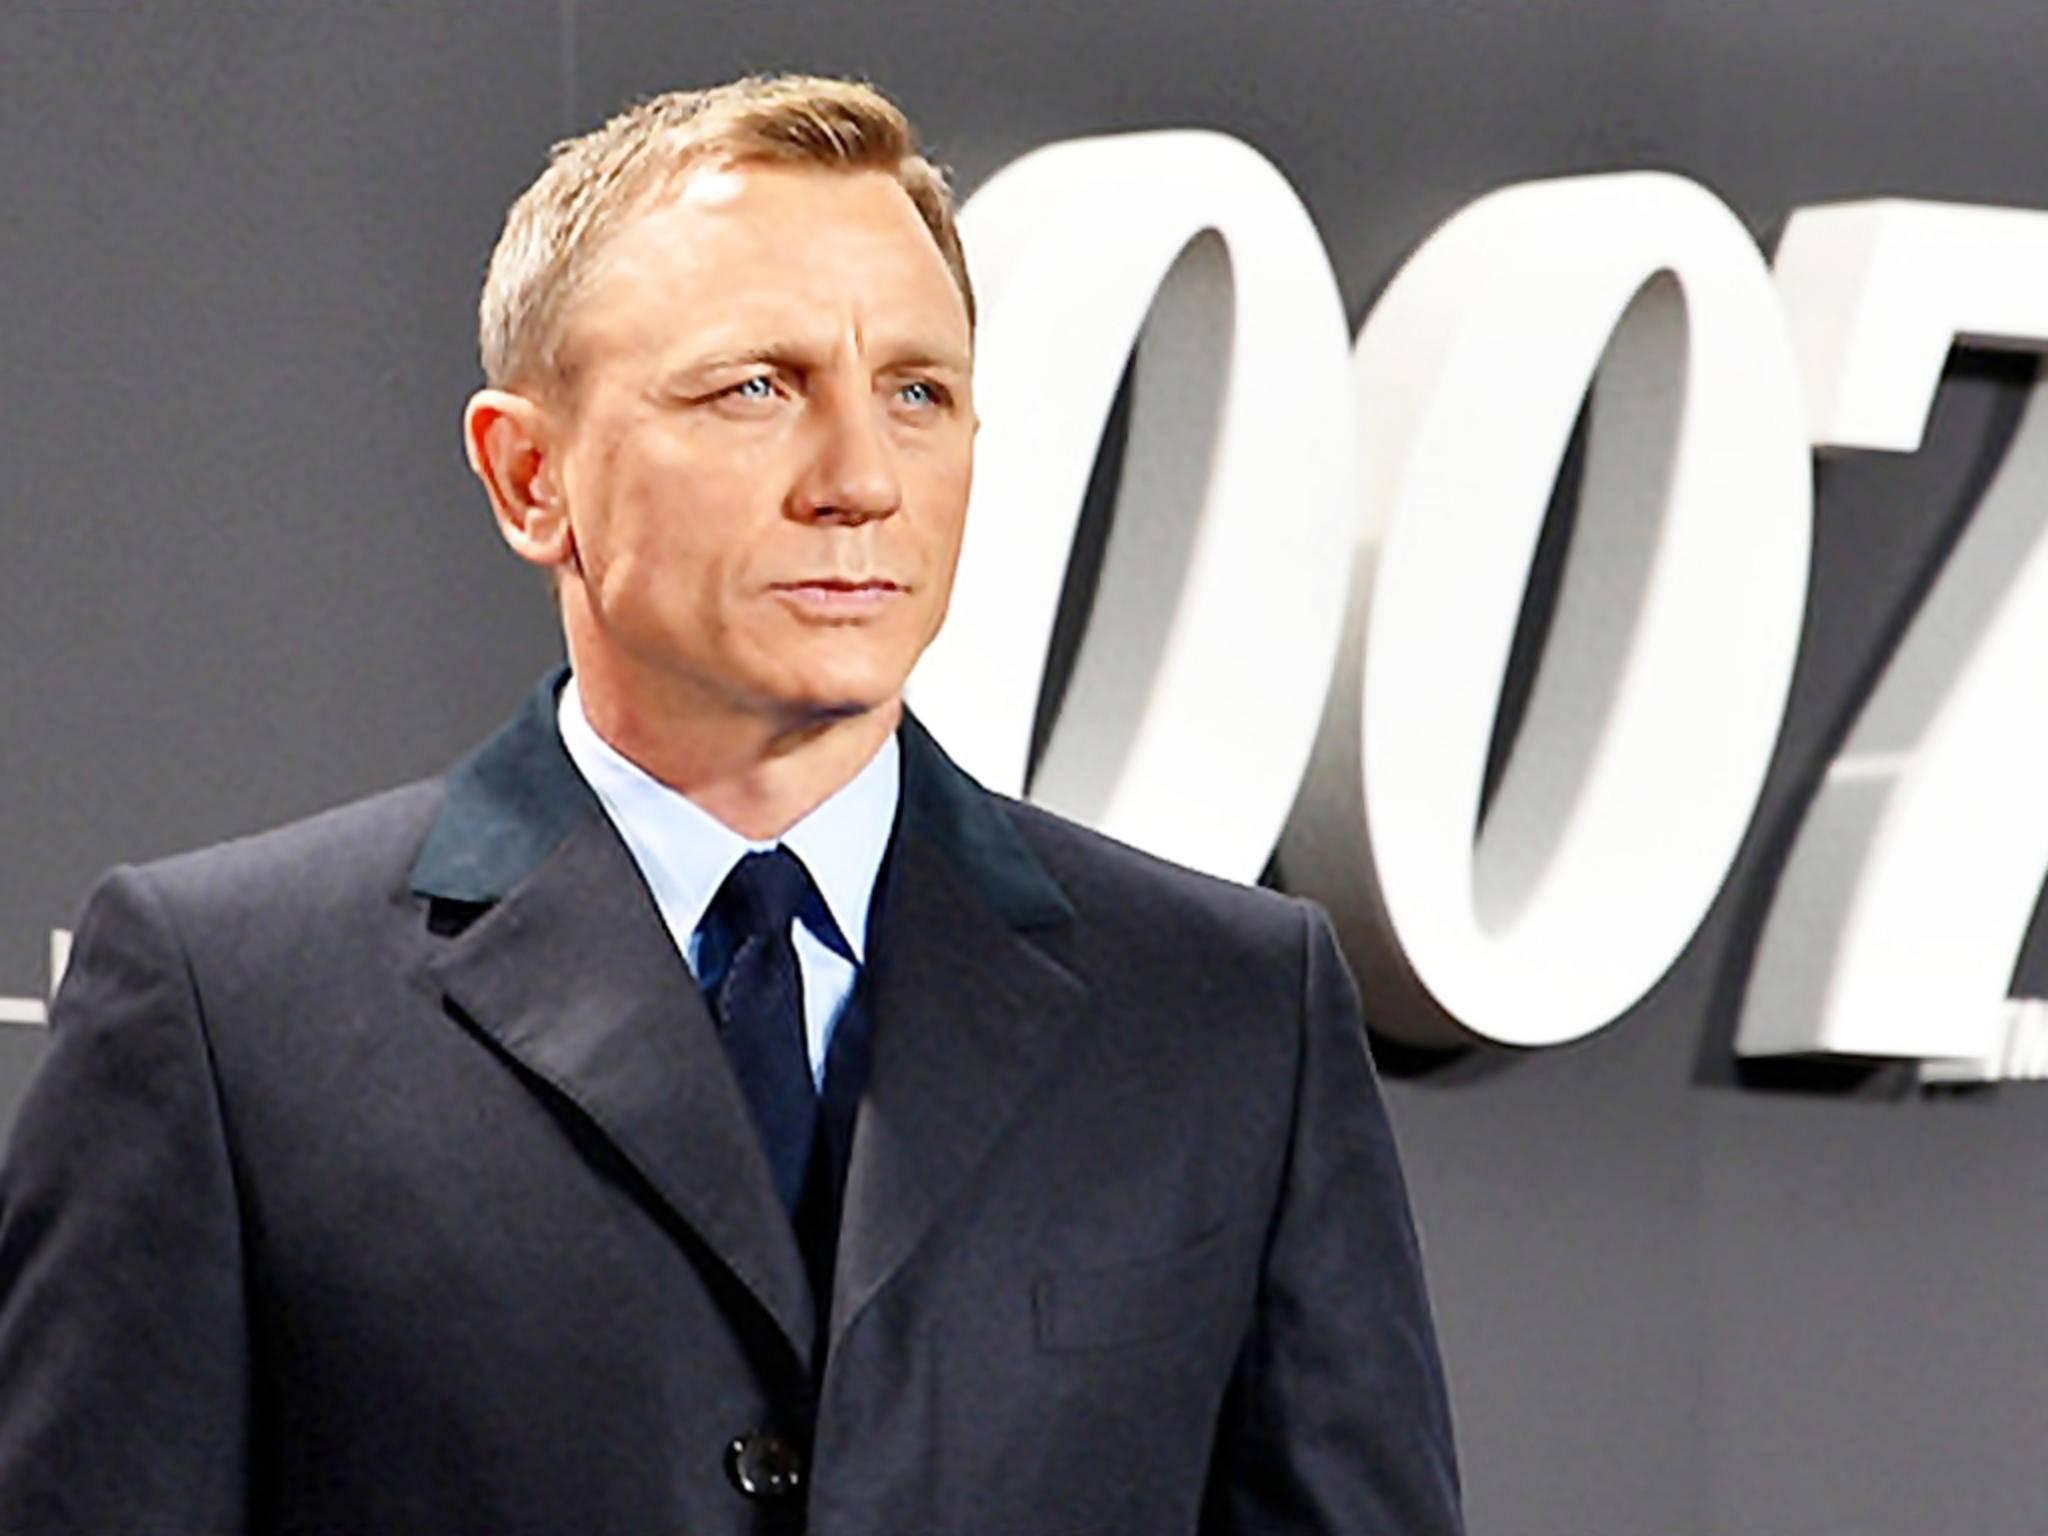 Lässt sich Daniel Craig mit viel Geld umstimmen?